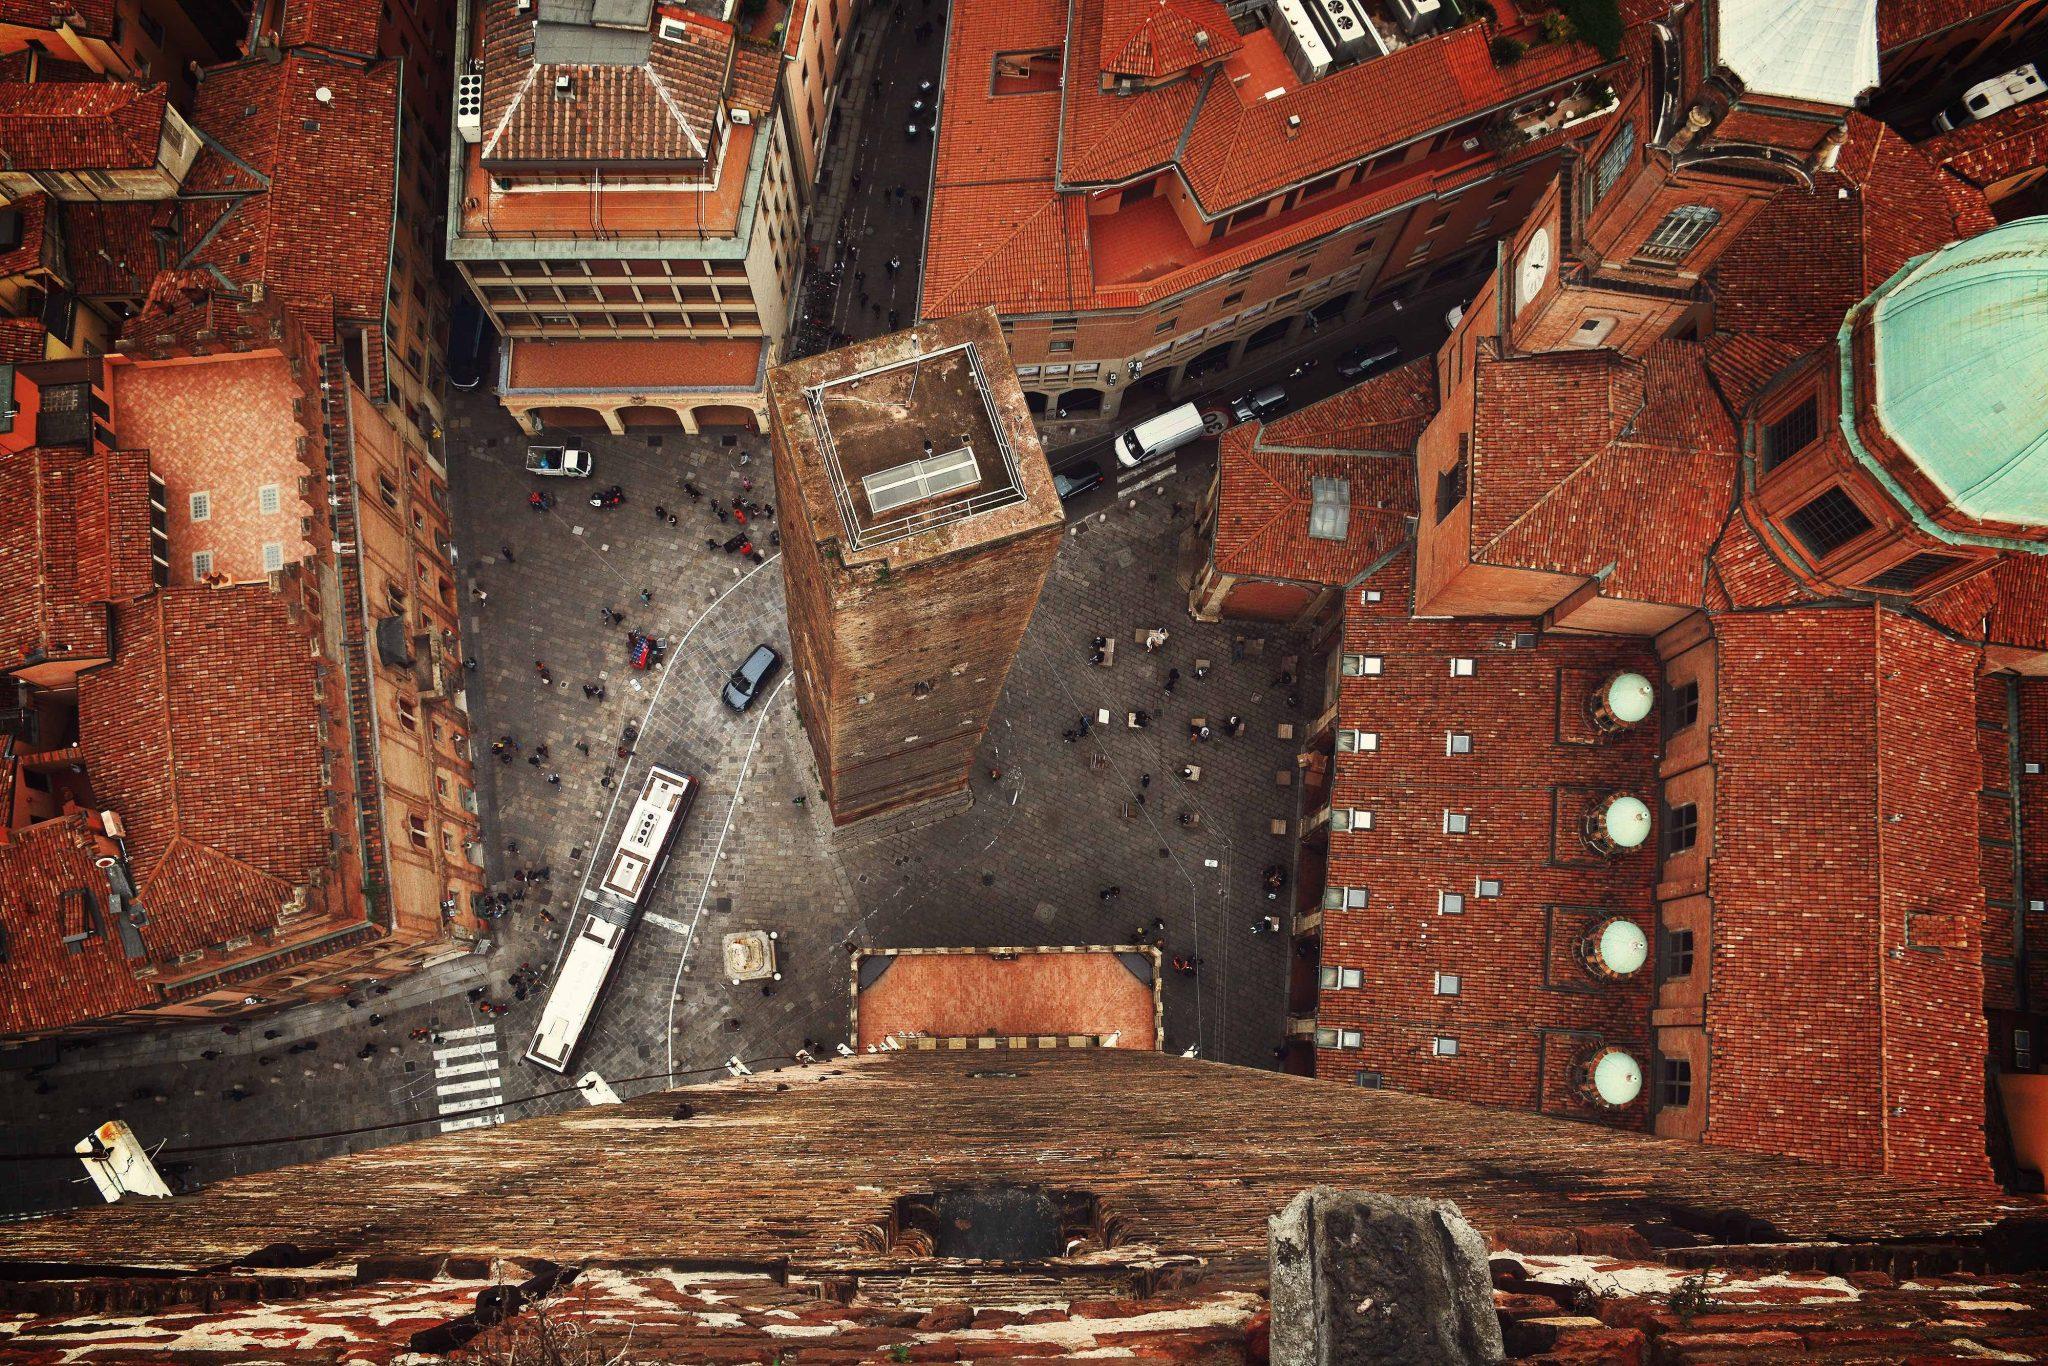 Una visione dall'alto di una piazza di Bologna, che si candida a essere la nuova capitale del lavoro